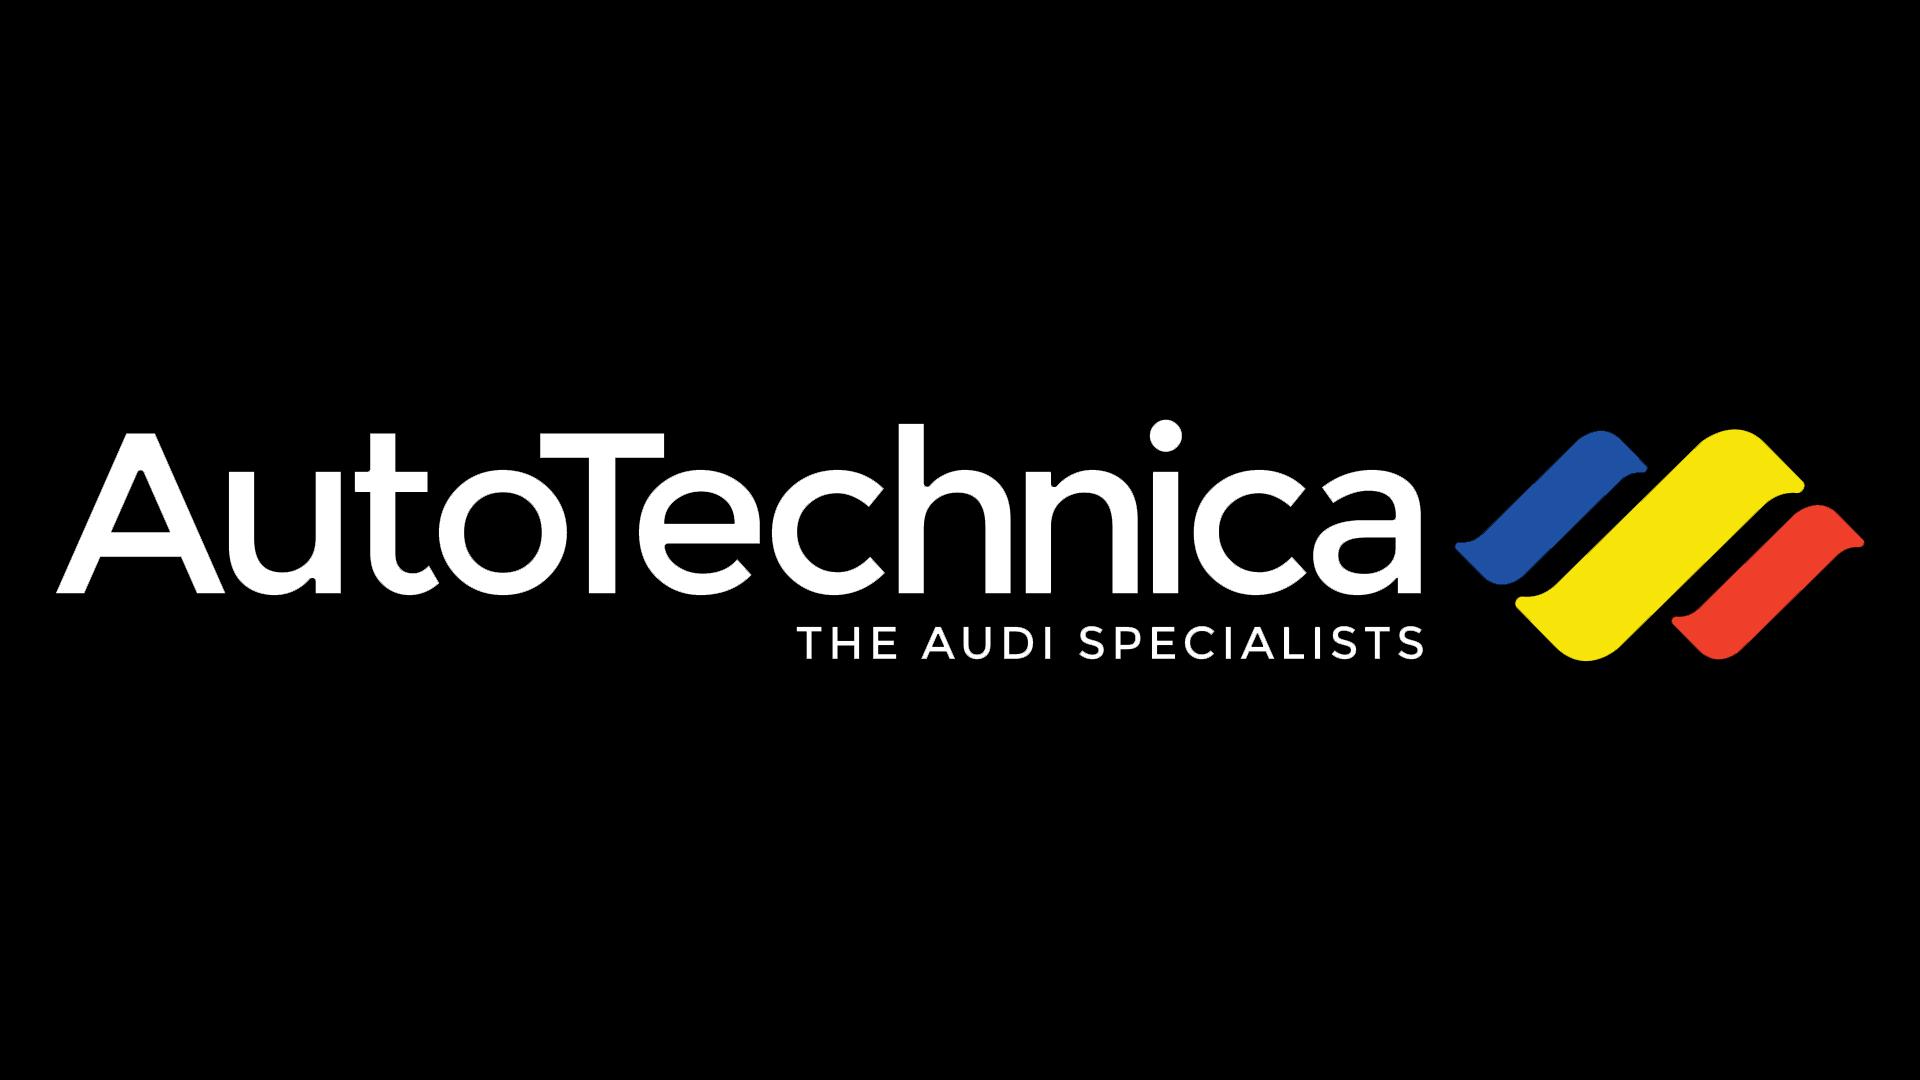 Auto Technica